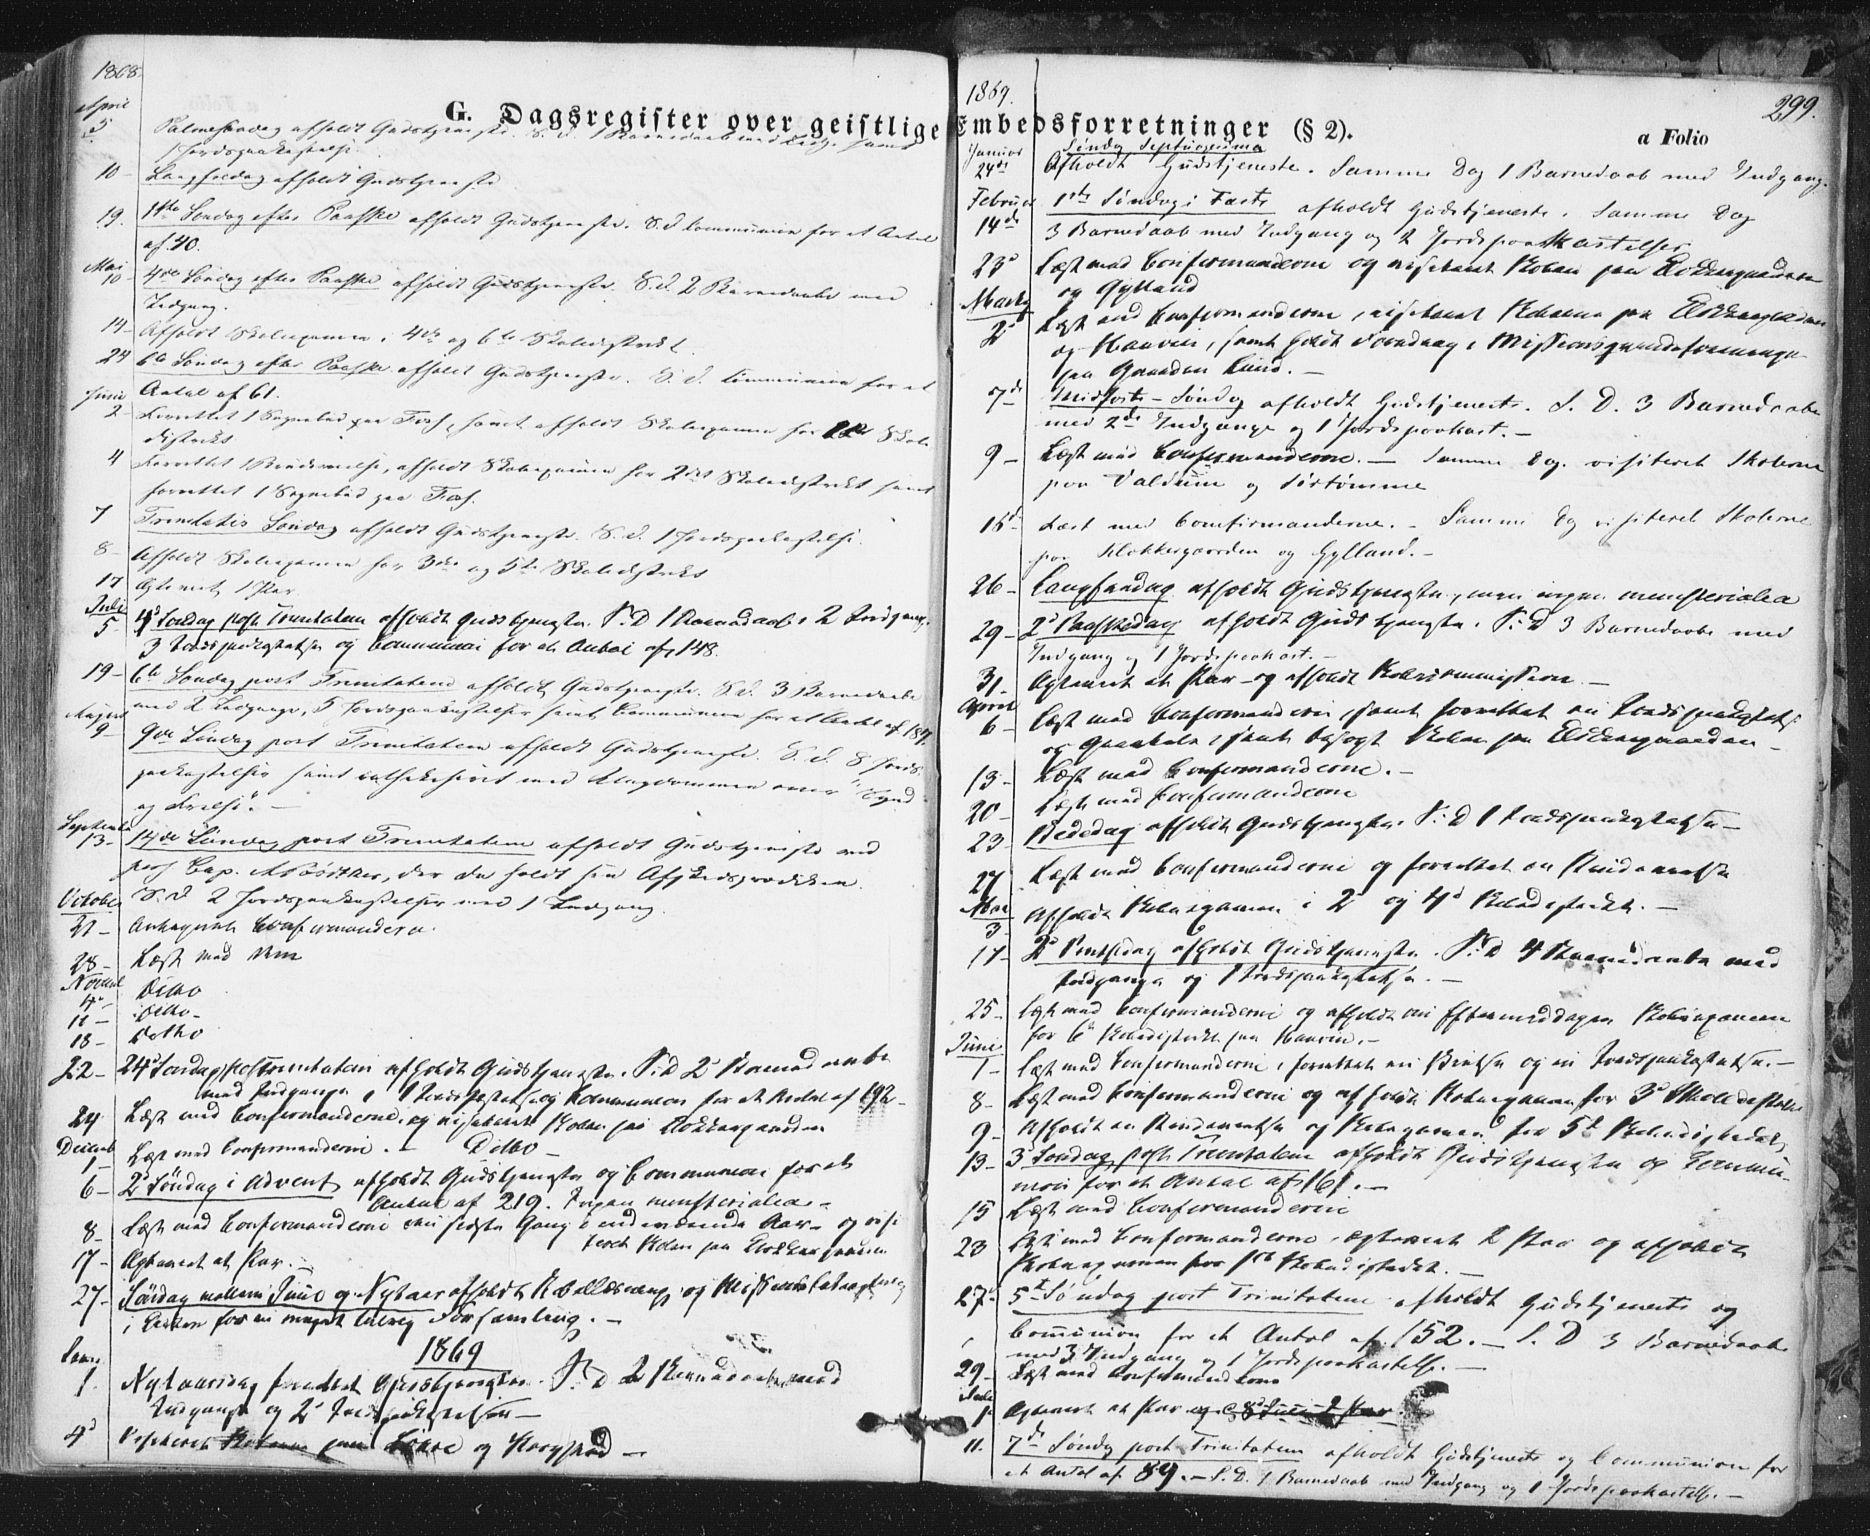 SAT, Ministerialprotokoller, klokkerbøker og fødselsregistre - Sør-Trøndelag, 692/L1103: Ministerialbok nr. 692A03, 1849-1870, s. 299